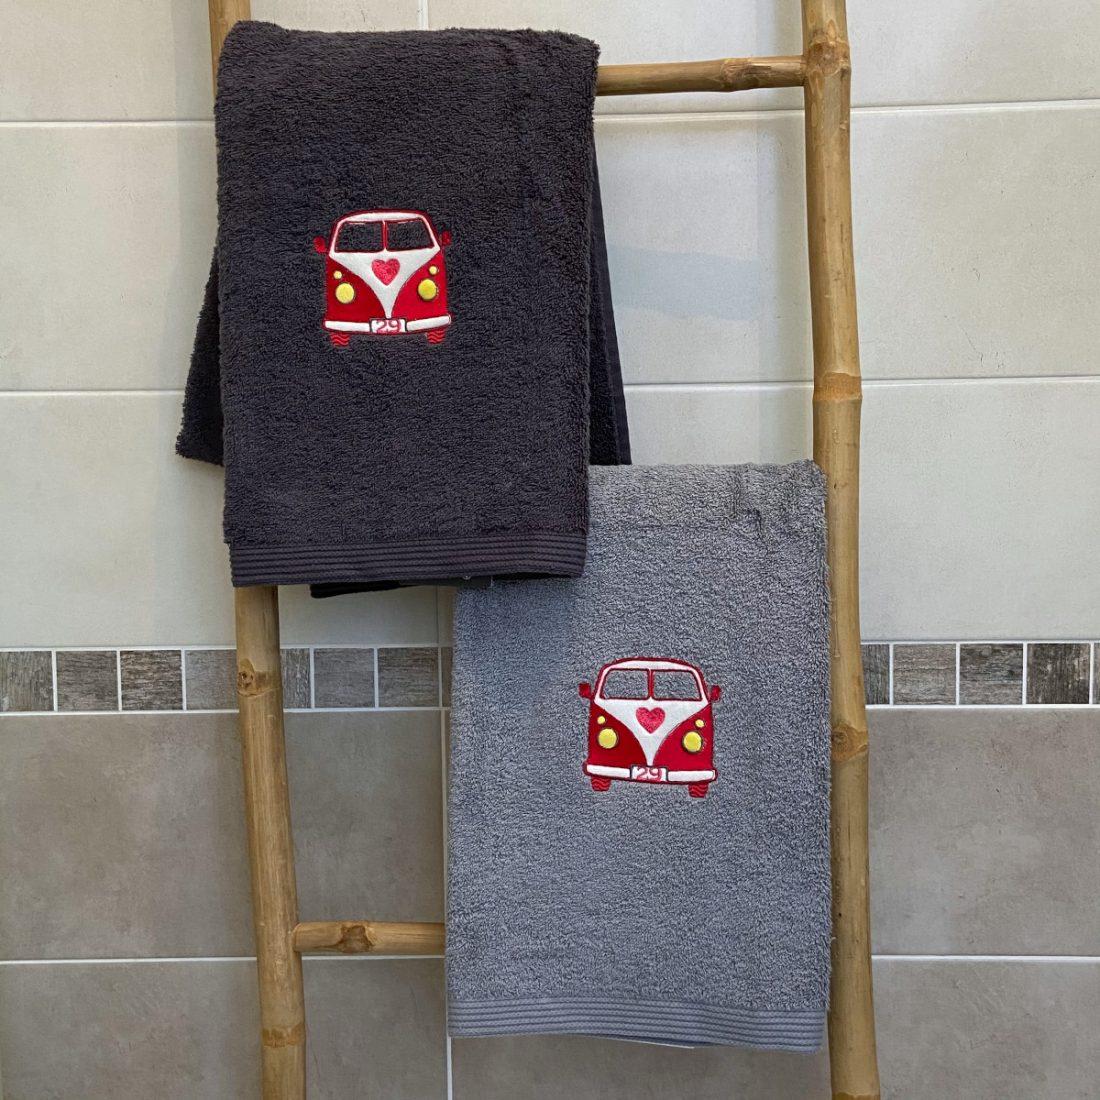 meilleur broderies personnalisées serviettes chic motif combig